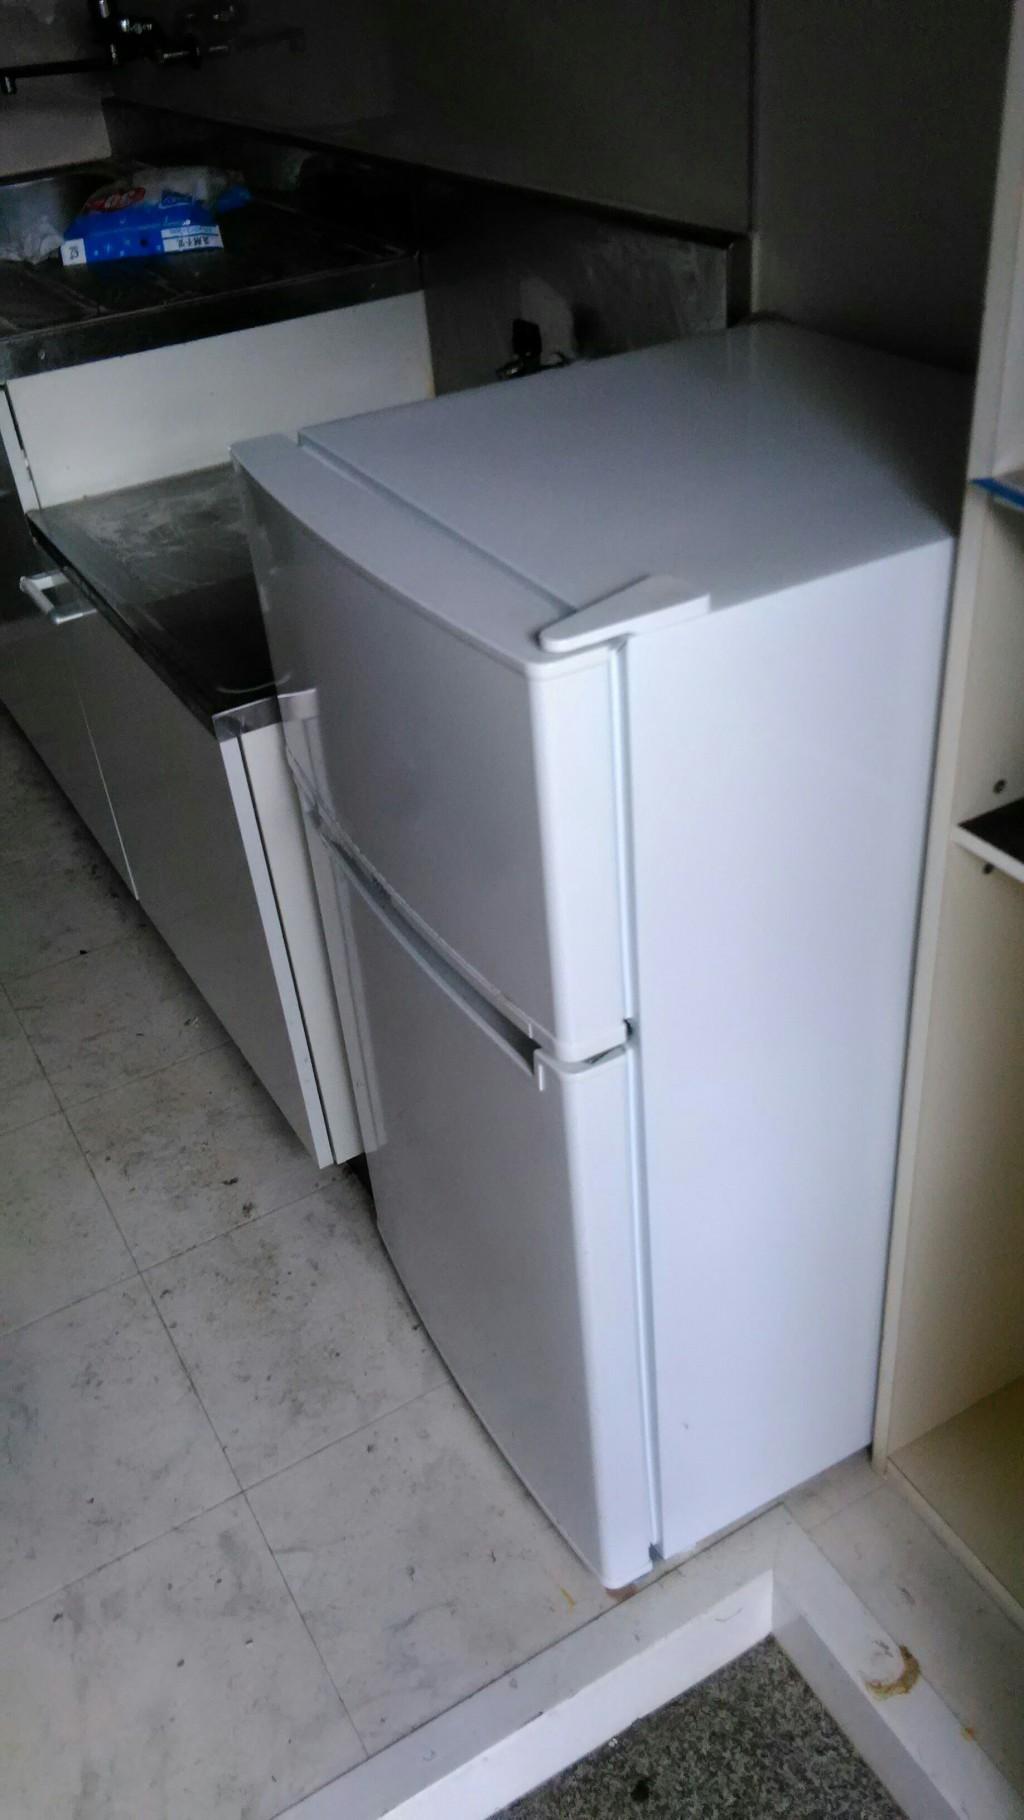 【富山市】引っ越し前の冷蔵庫やベッドなどの処分☆スピード回収にご満足いただけました!